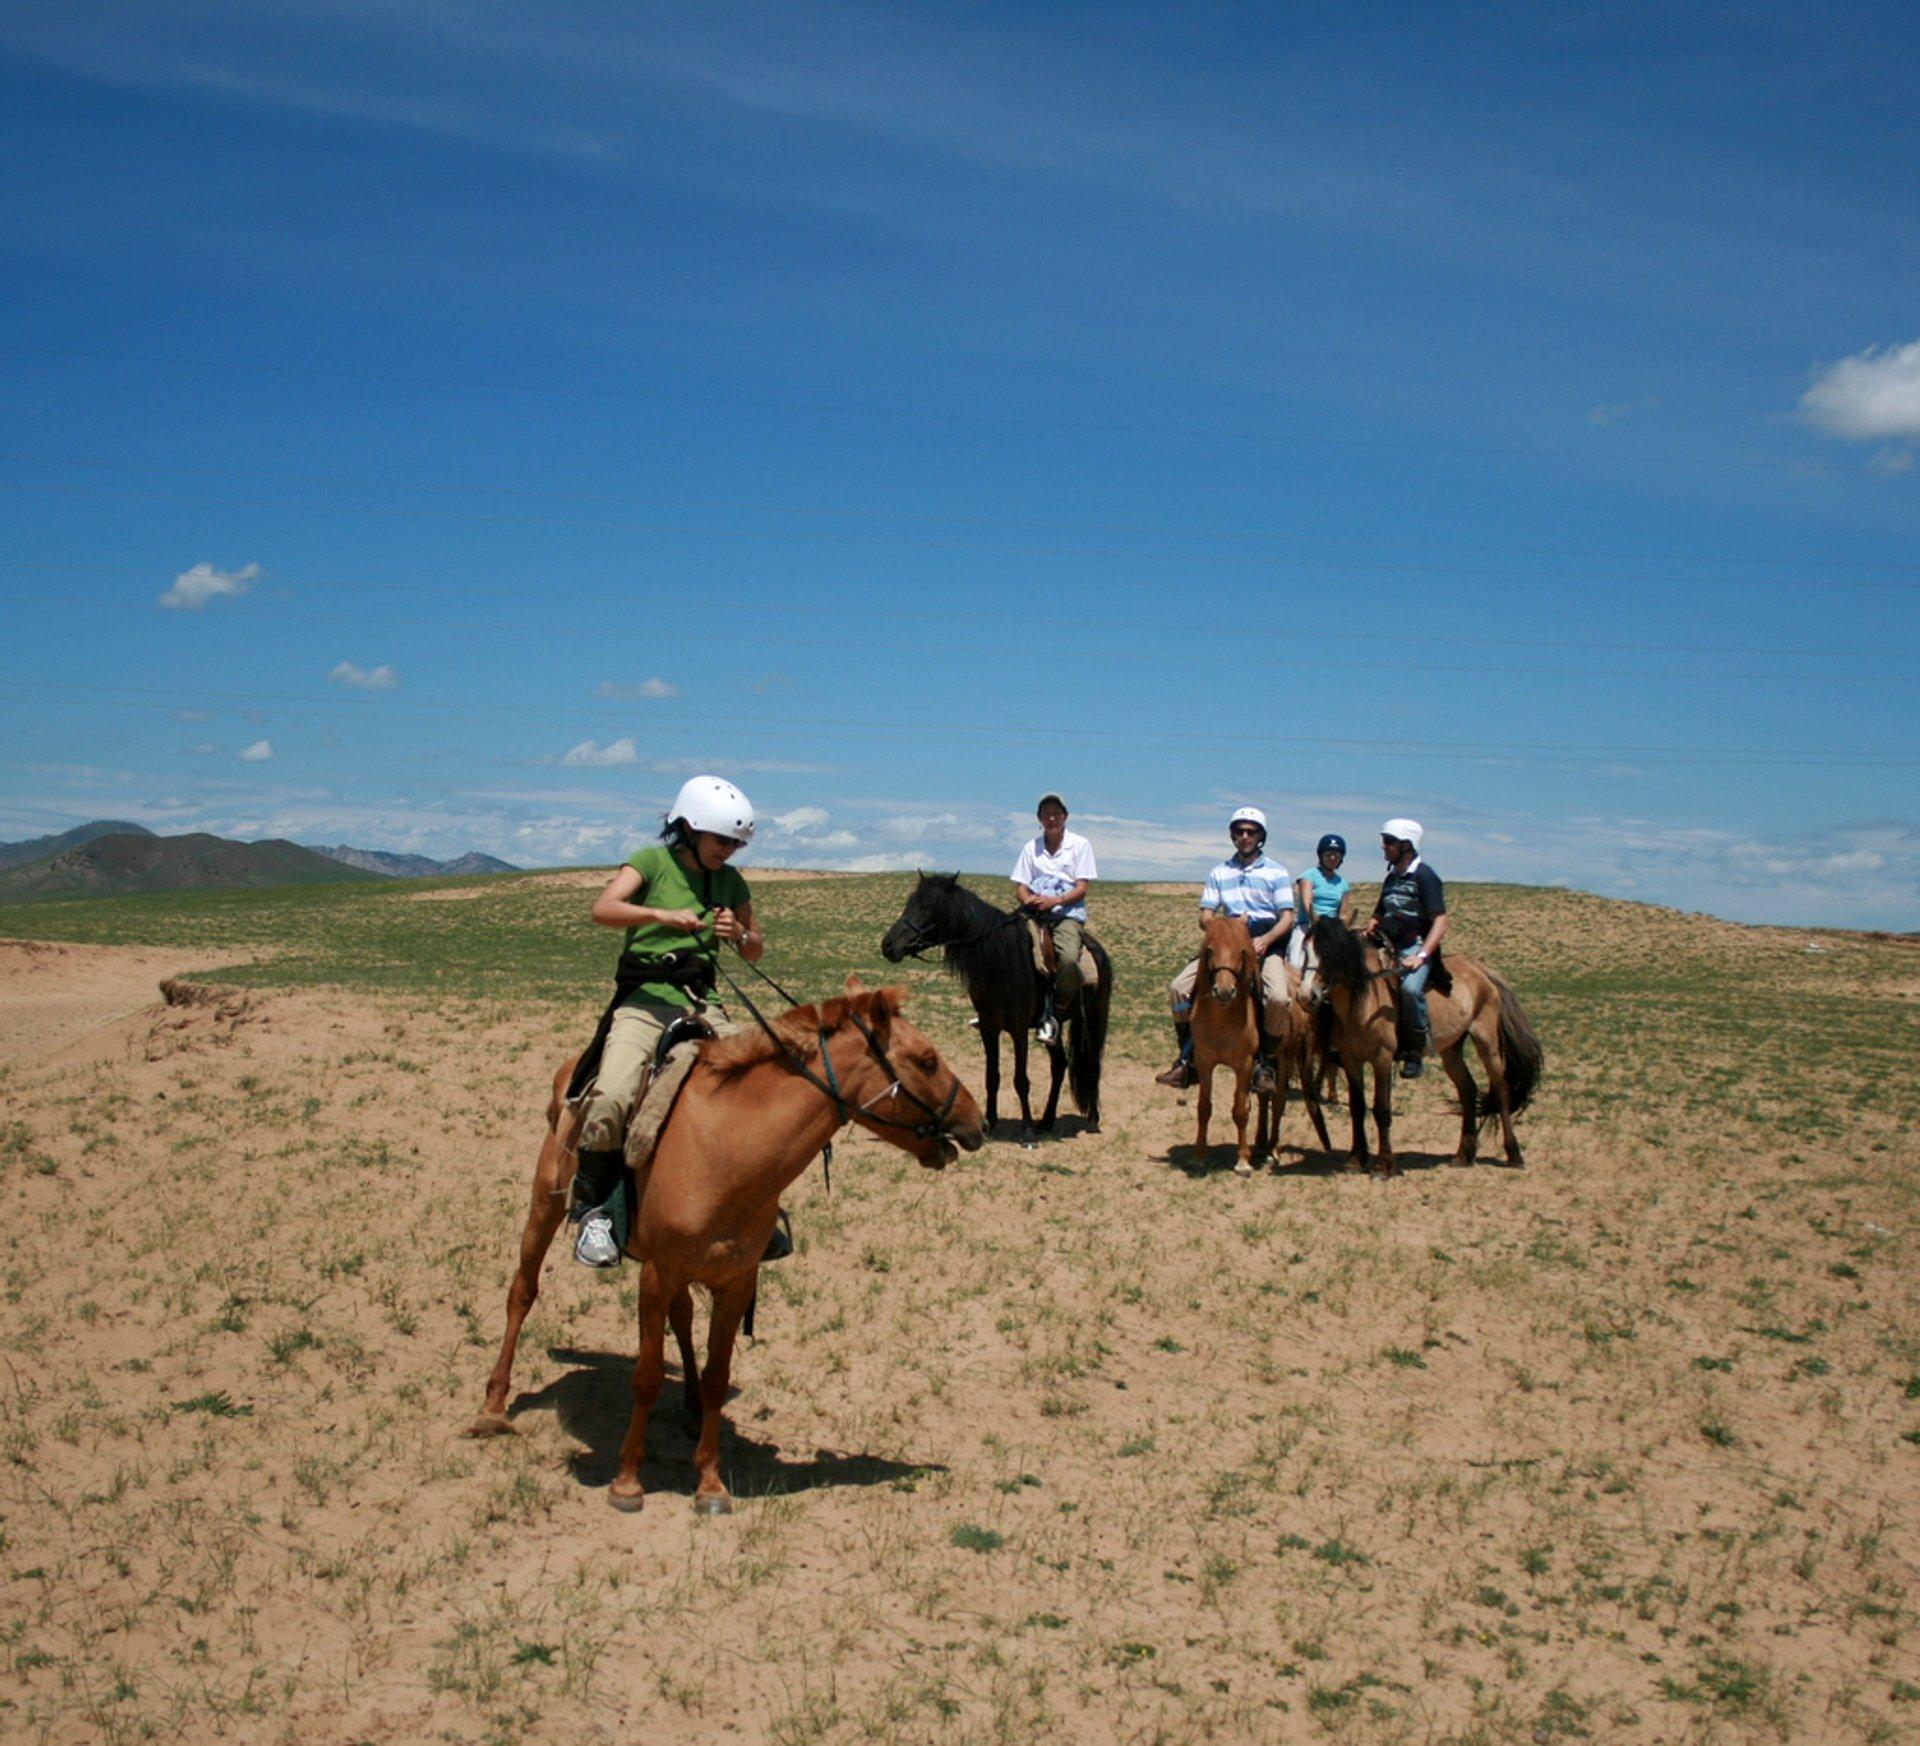 Horseback Riding in Mongolia - Best Season 2020